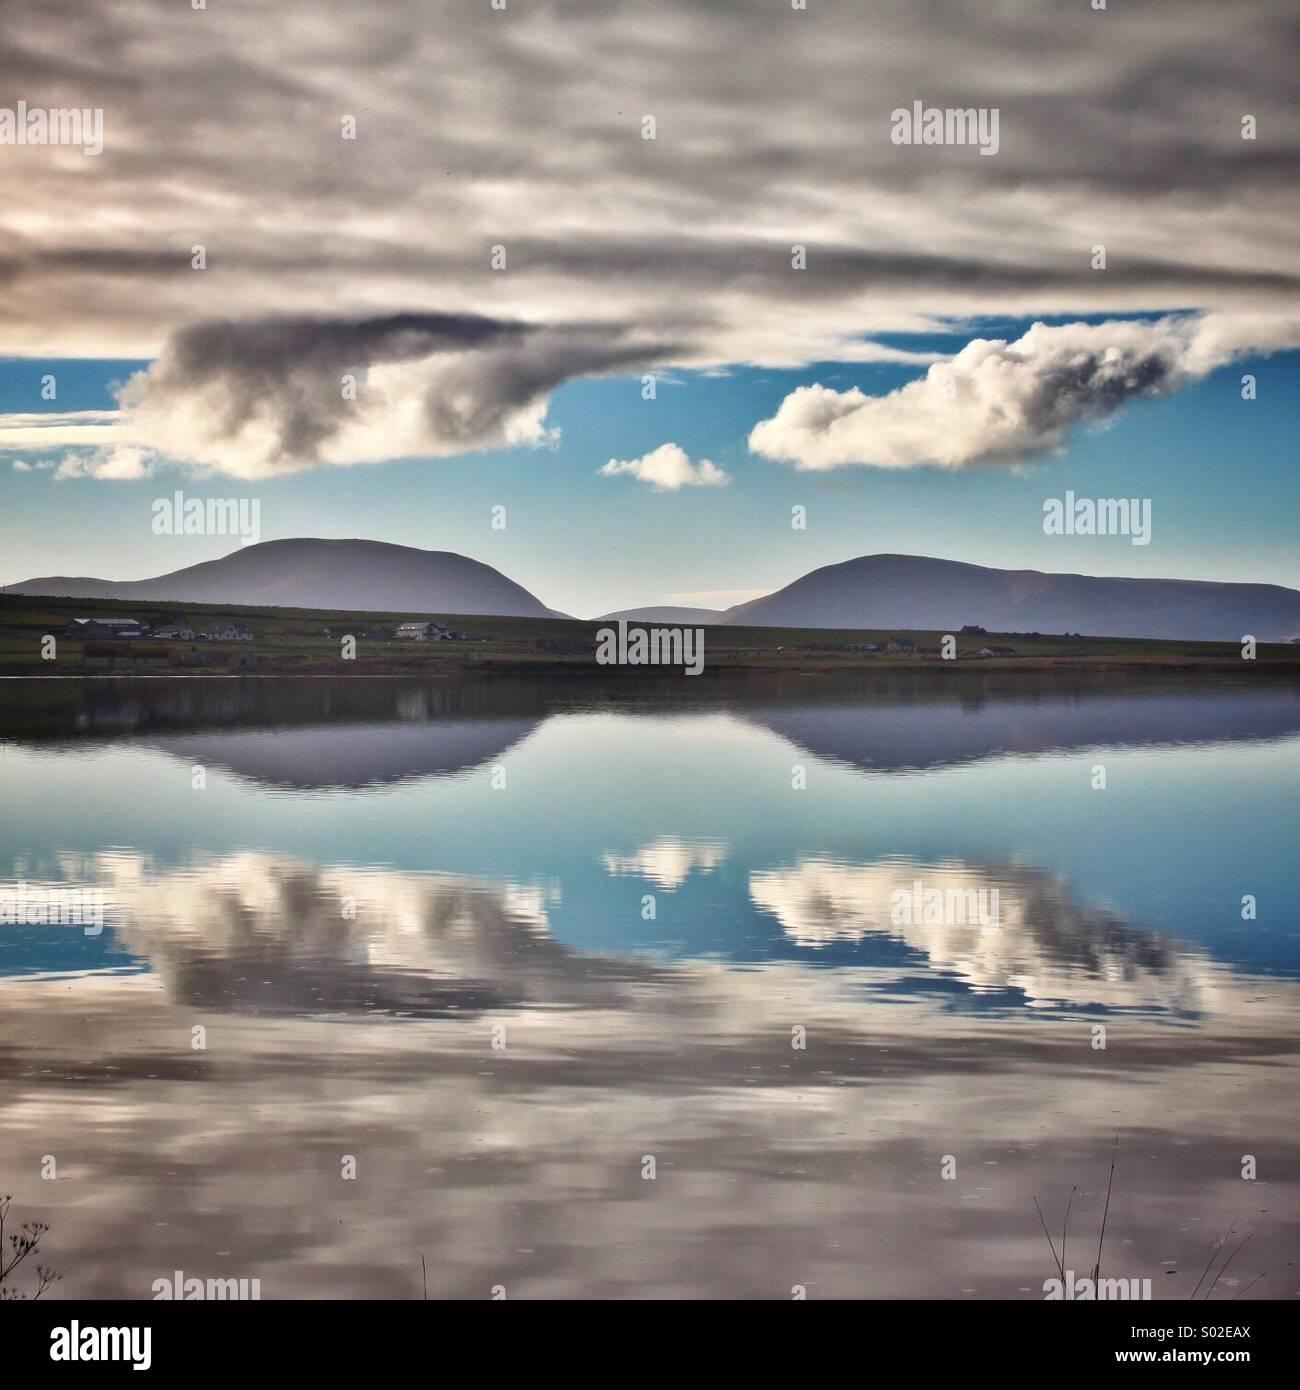 Reflection... - Stock Image